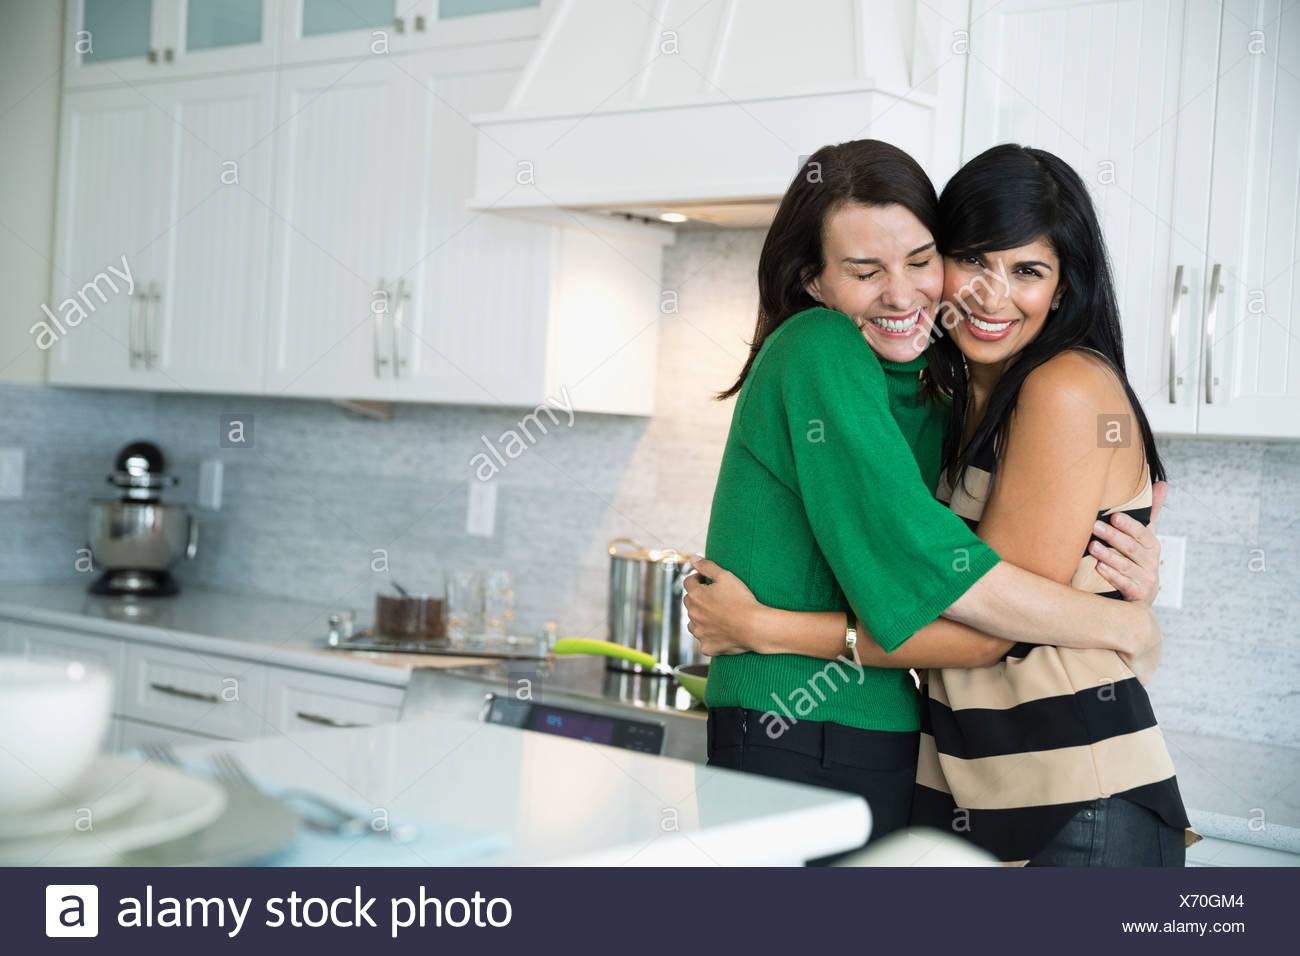 Portrait of happy young couple embracing amie dans la cuisine domestique Photo Stock